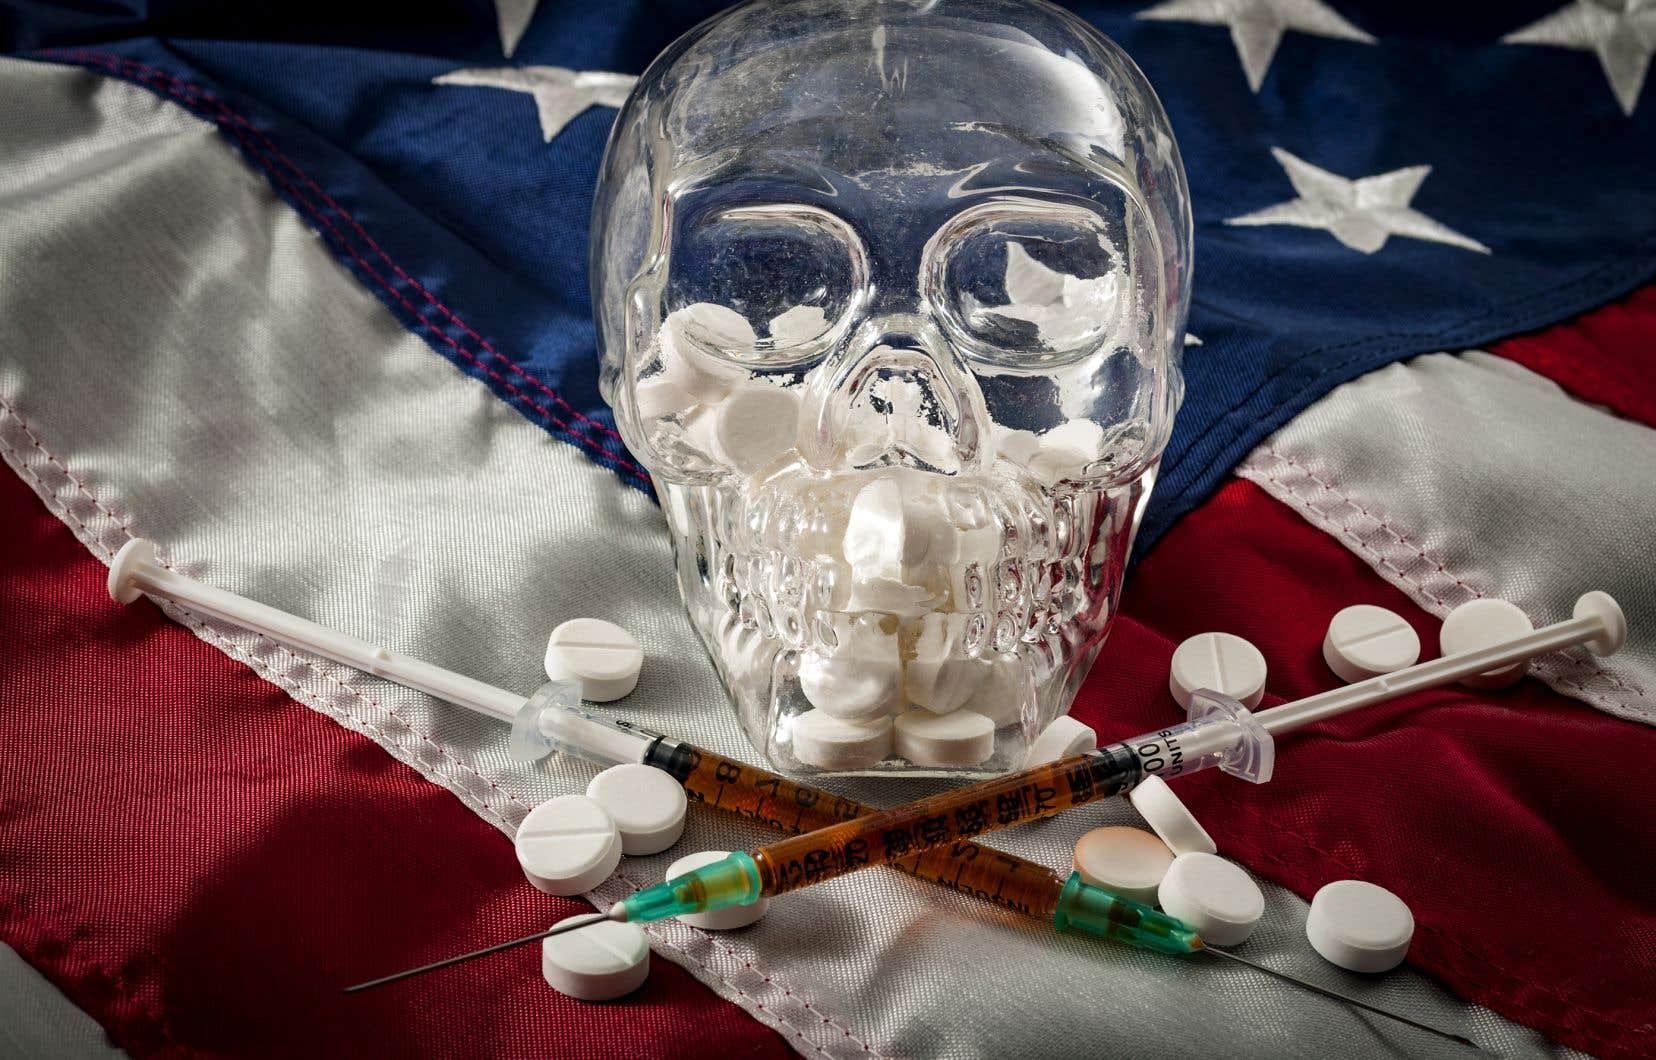 Selon une analyse interne de la Maison-Blanche, le nombre de décès par surdose a augmenté de 11,4% au cours des quatre premiers mois de l'année.